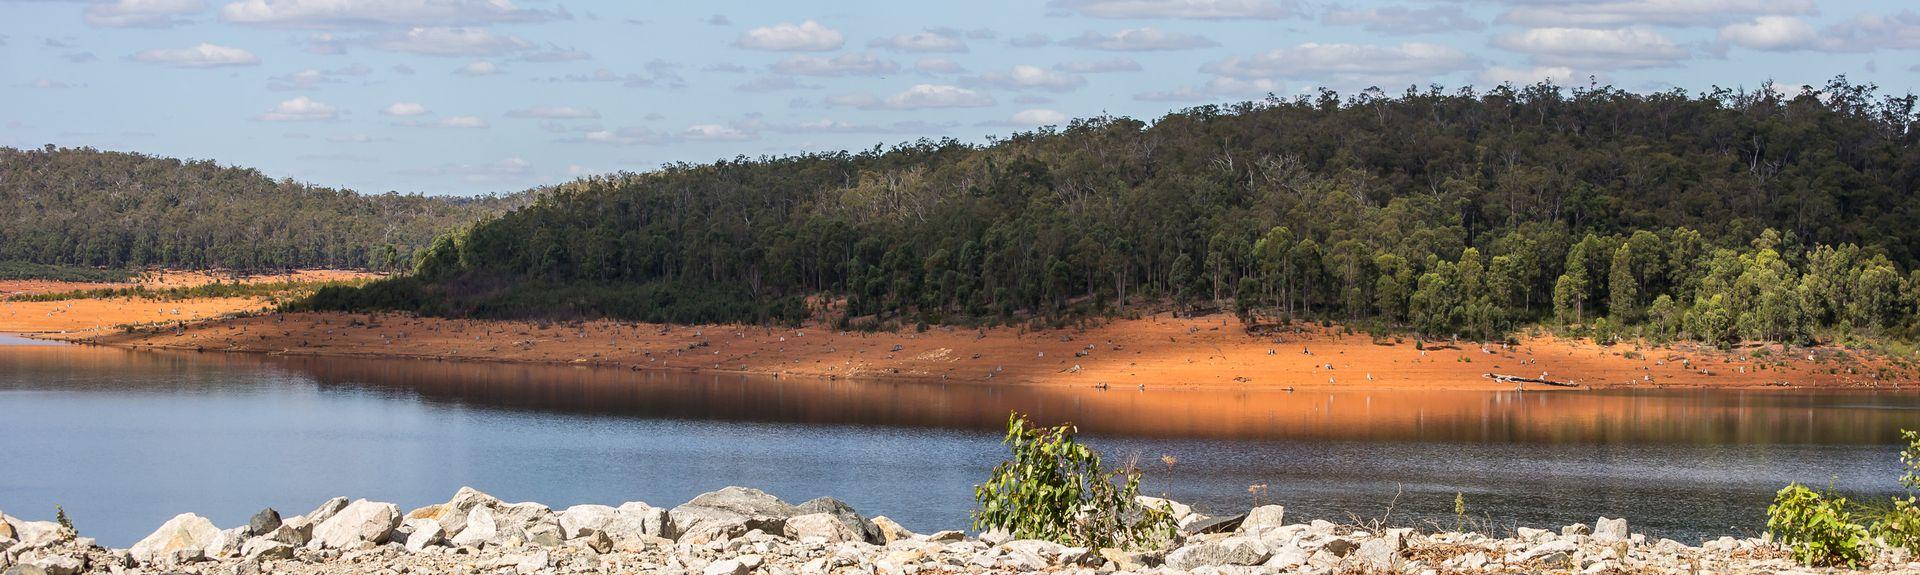 Perth Hills, Western Australia, Australia